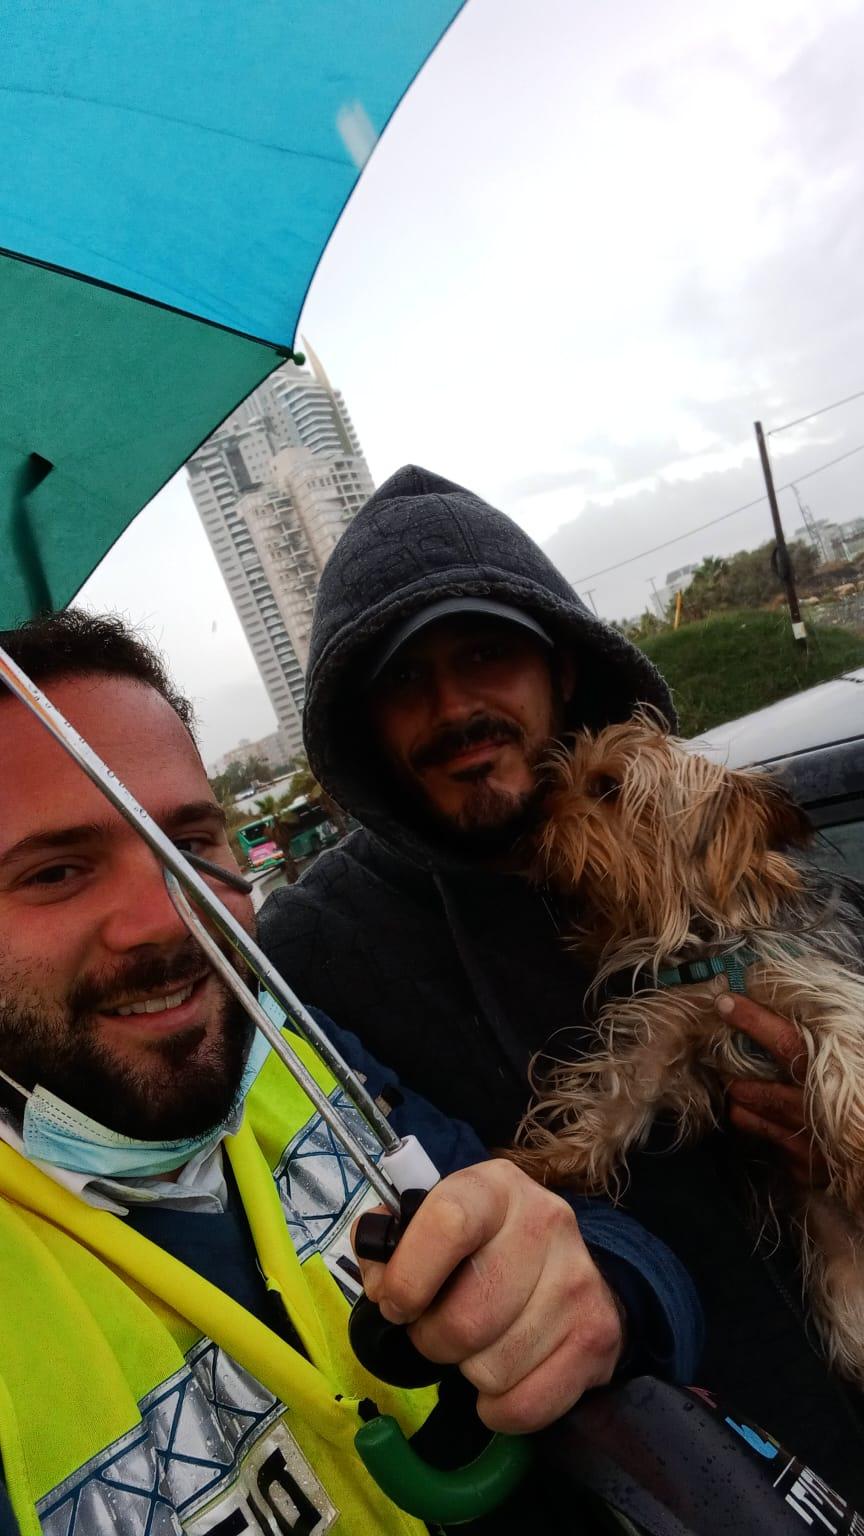 כלב גשם חילוץ צילום ידידים סיוע בדרכים